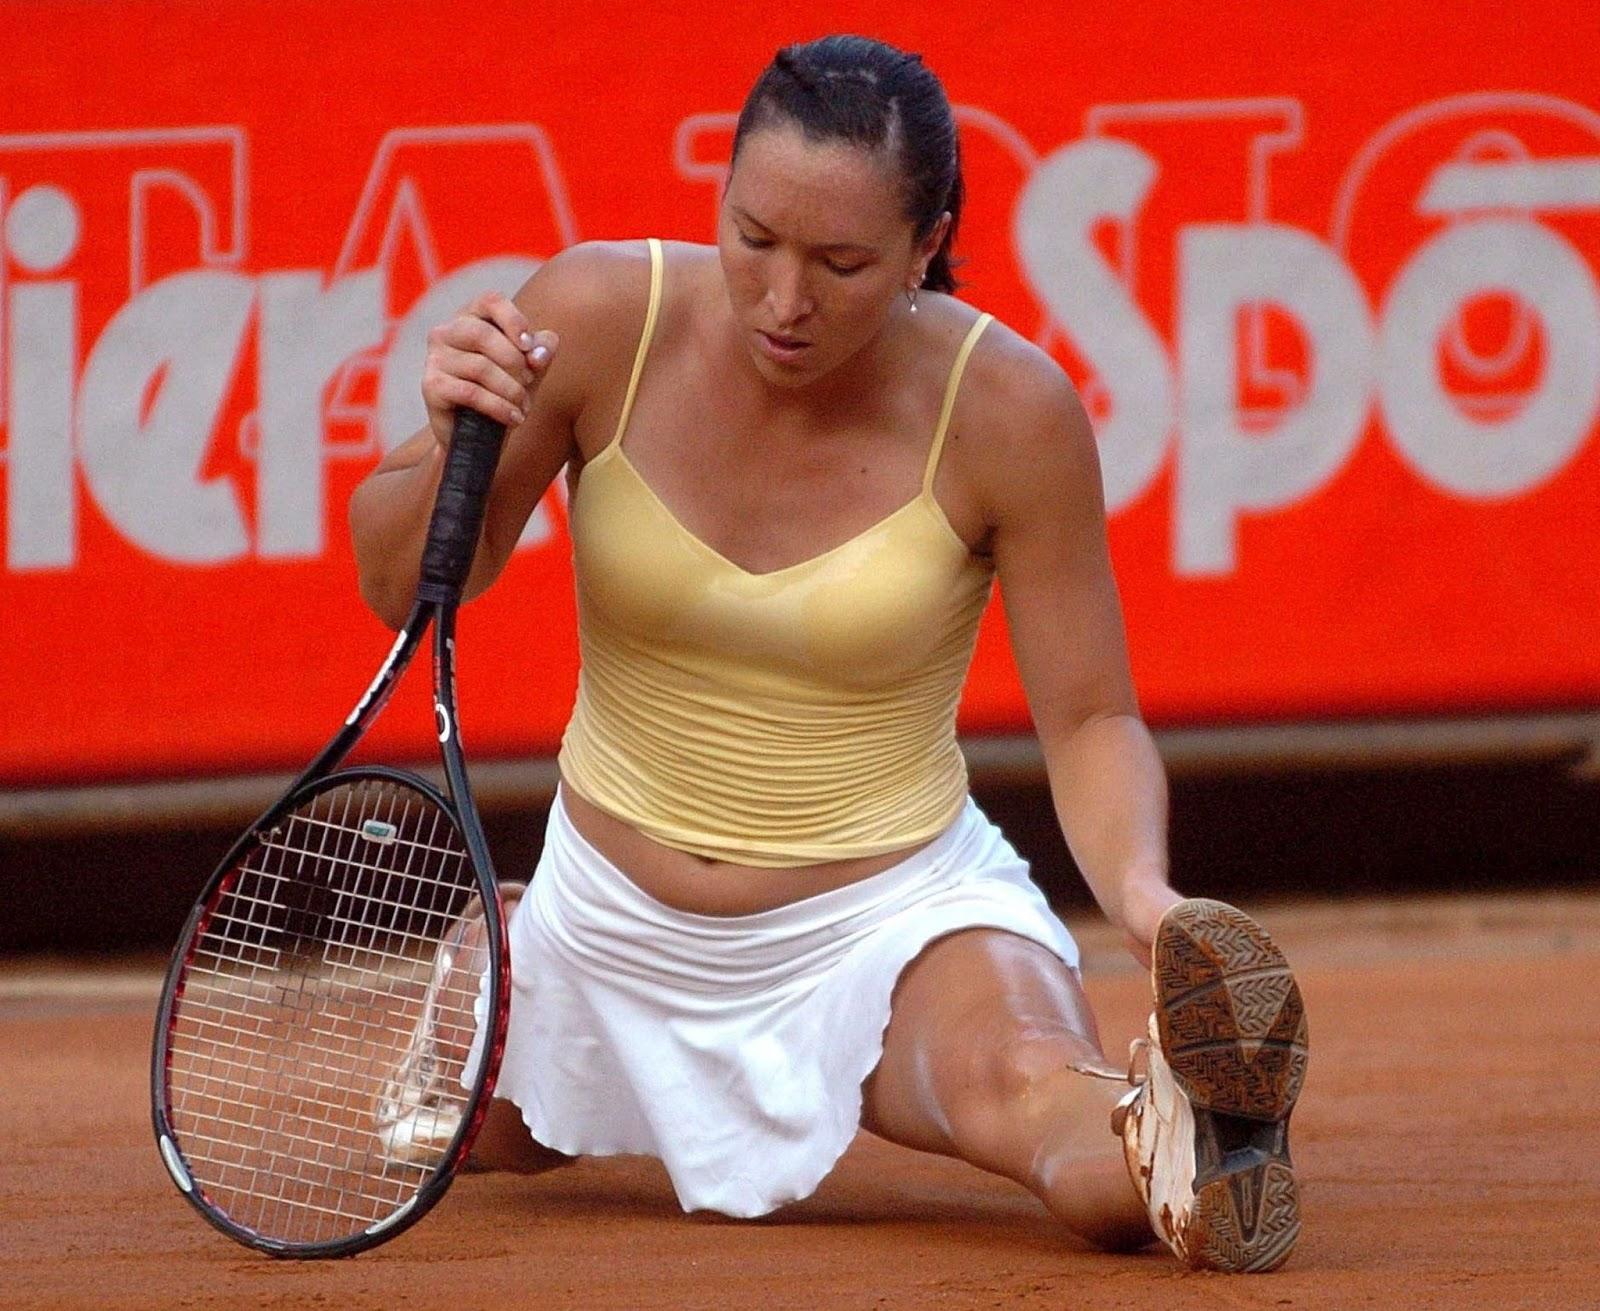 http://3.bp.blogspot.com/-WEwJPZswhfc/UPrO7NiB_9I/AAAAAAAAMZY/9l21UwRMTtI/s1600/Jelena+Jankovic+Hot-.jpg